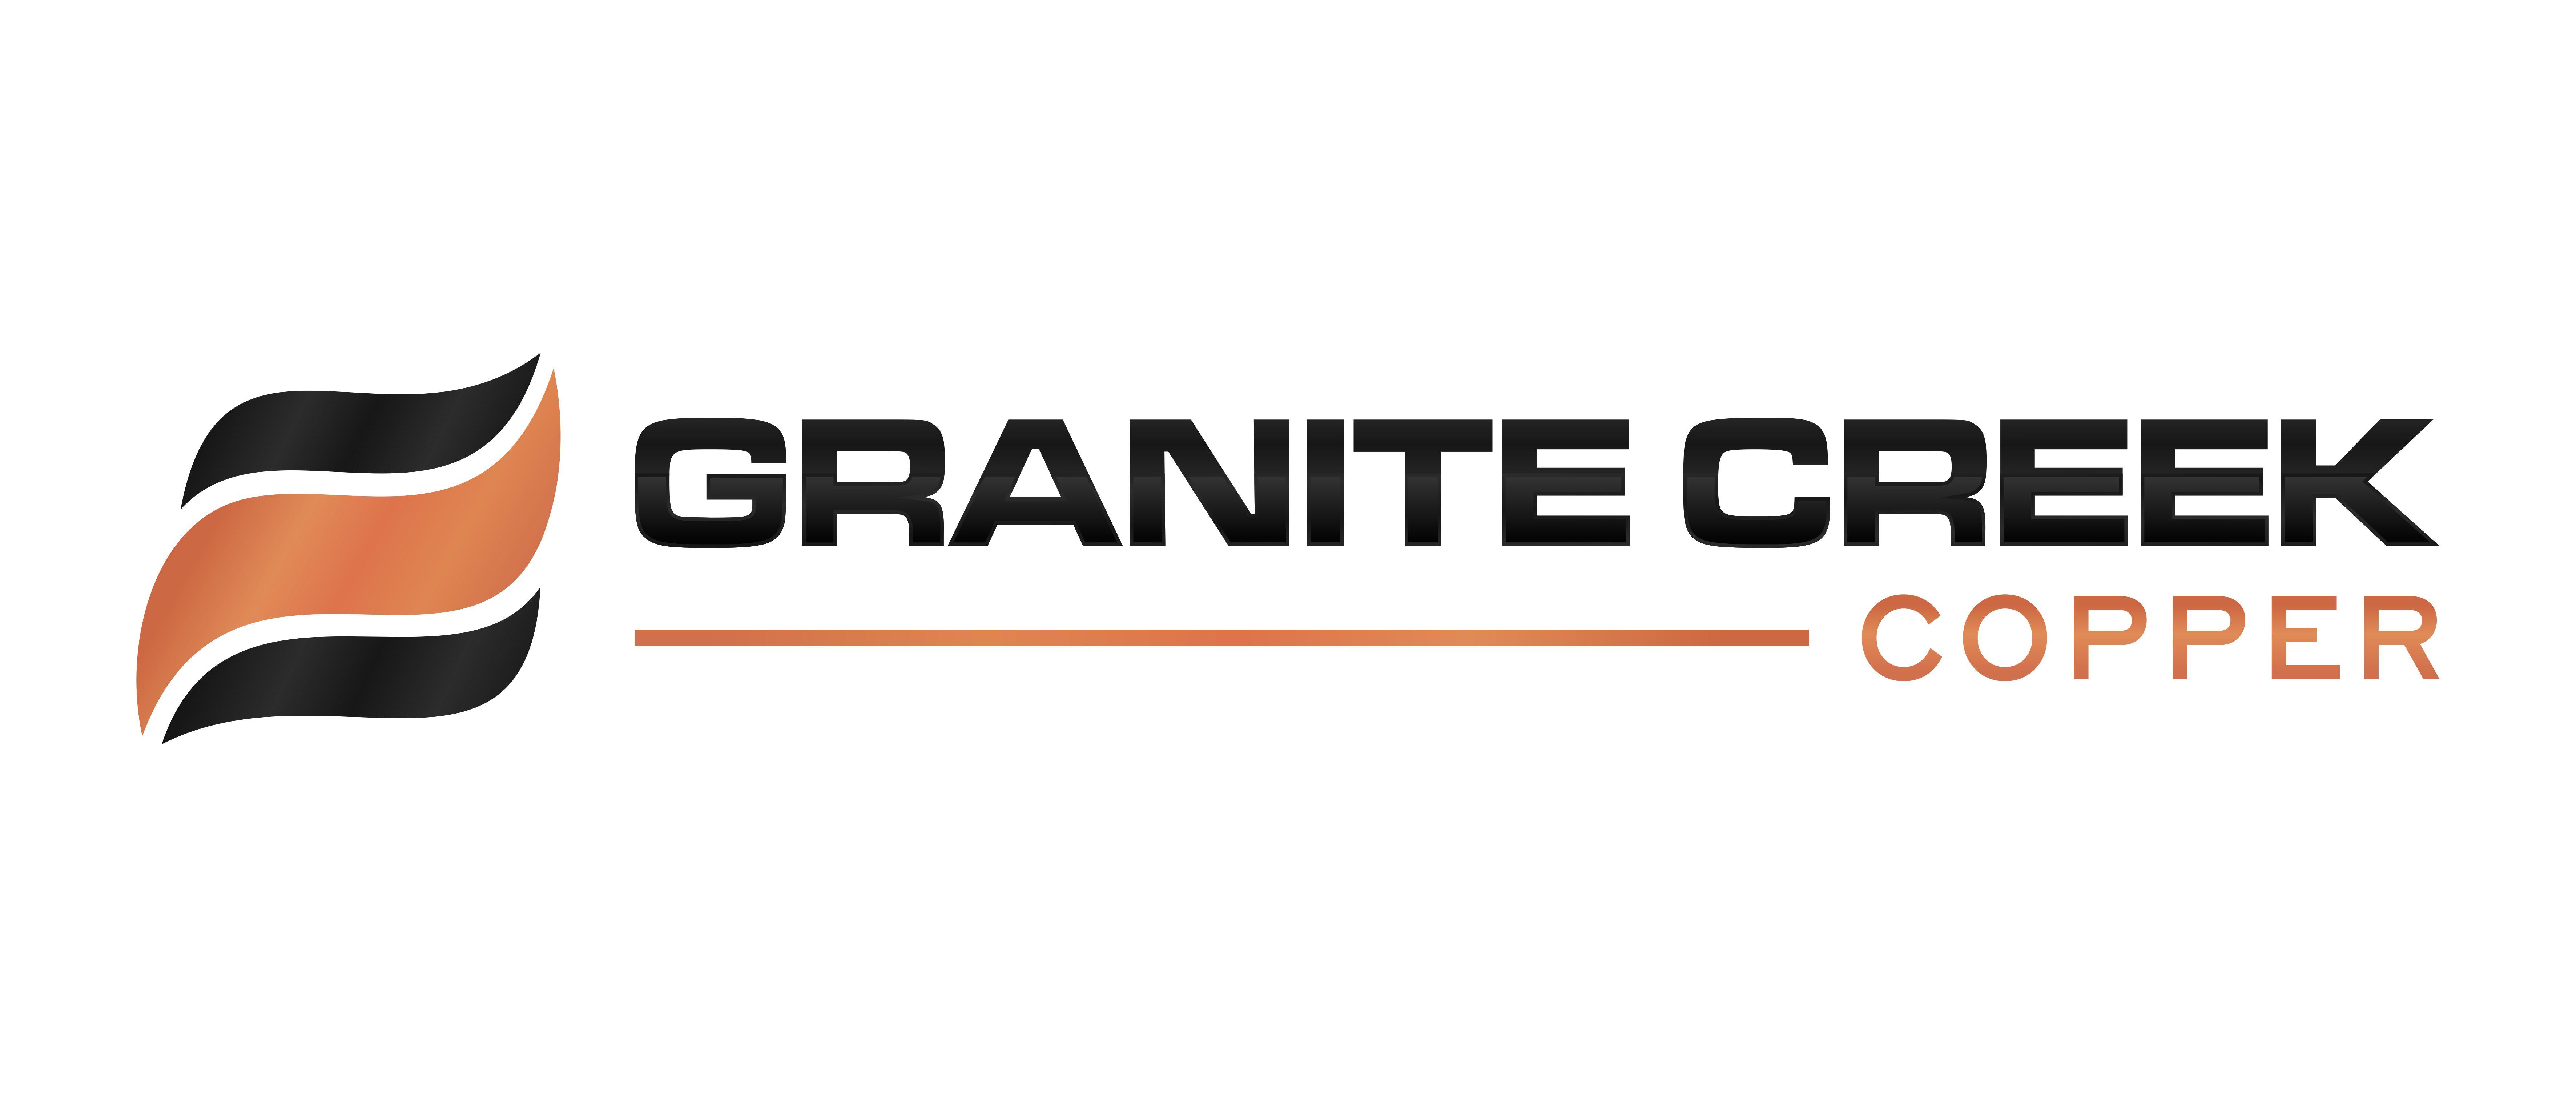 Granite Creek Copper to Acquire Significant Interest in Copper North Mining Corp.